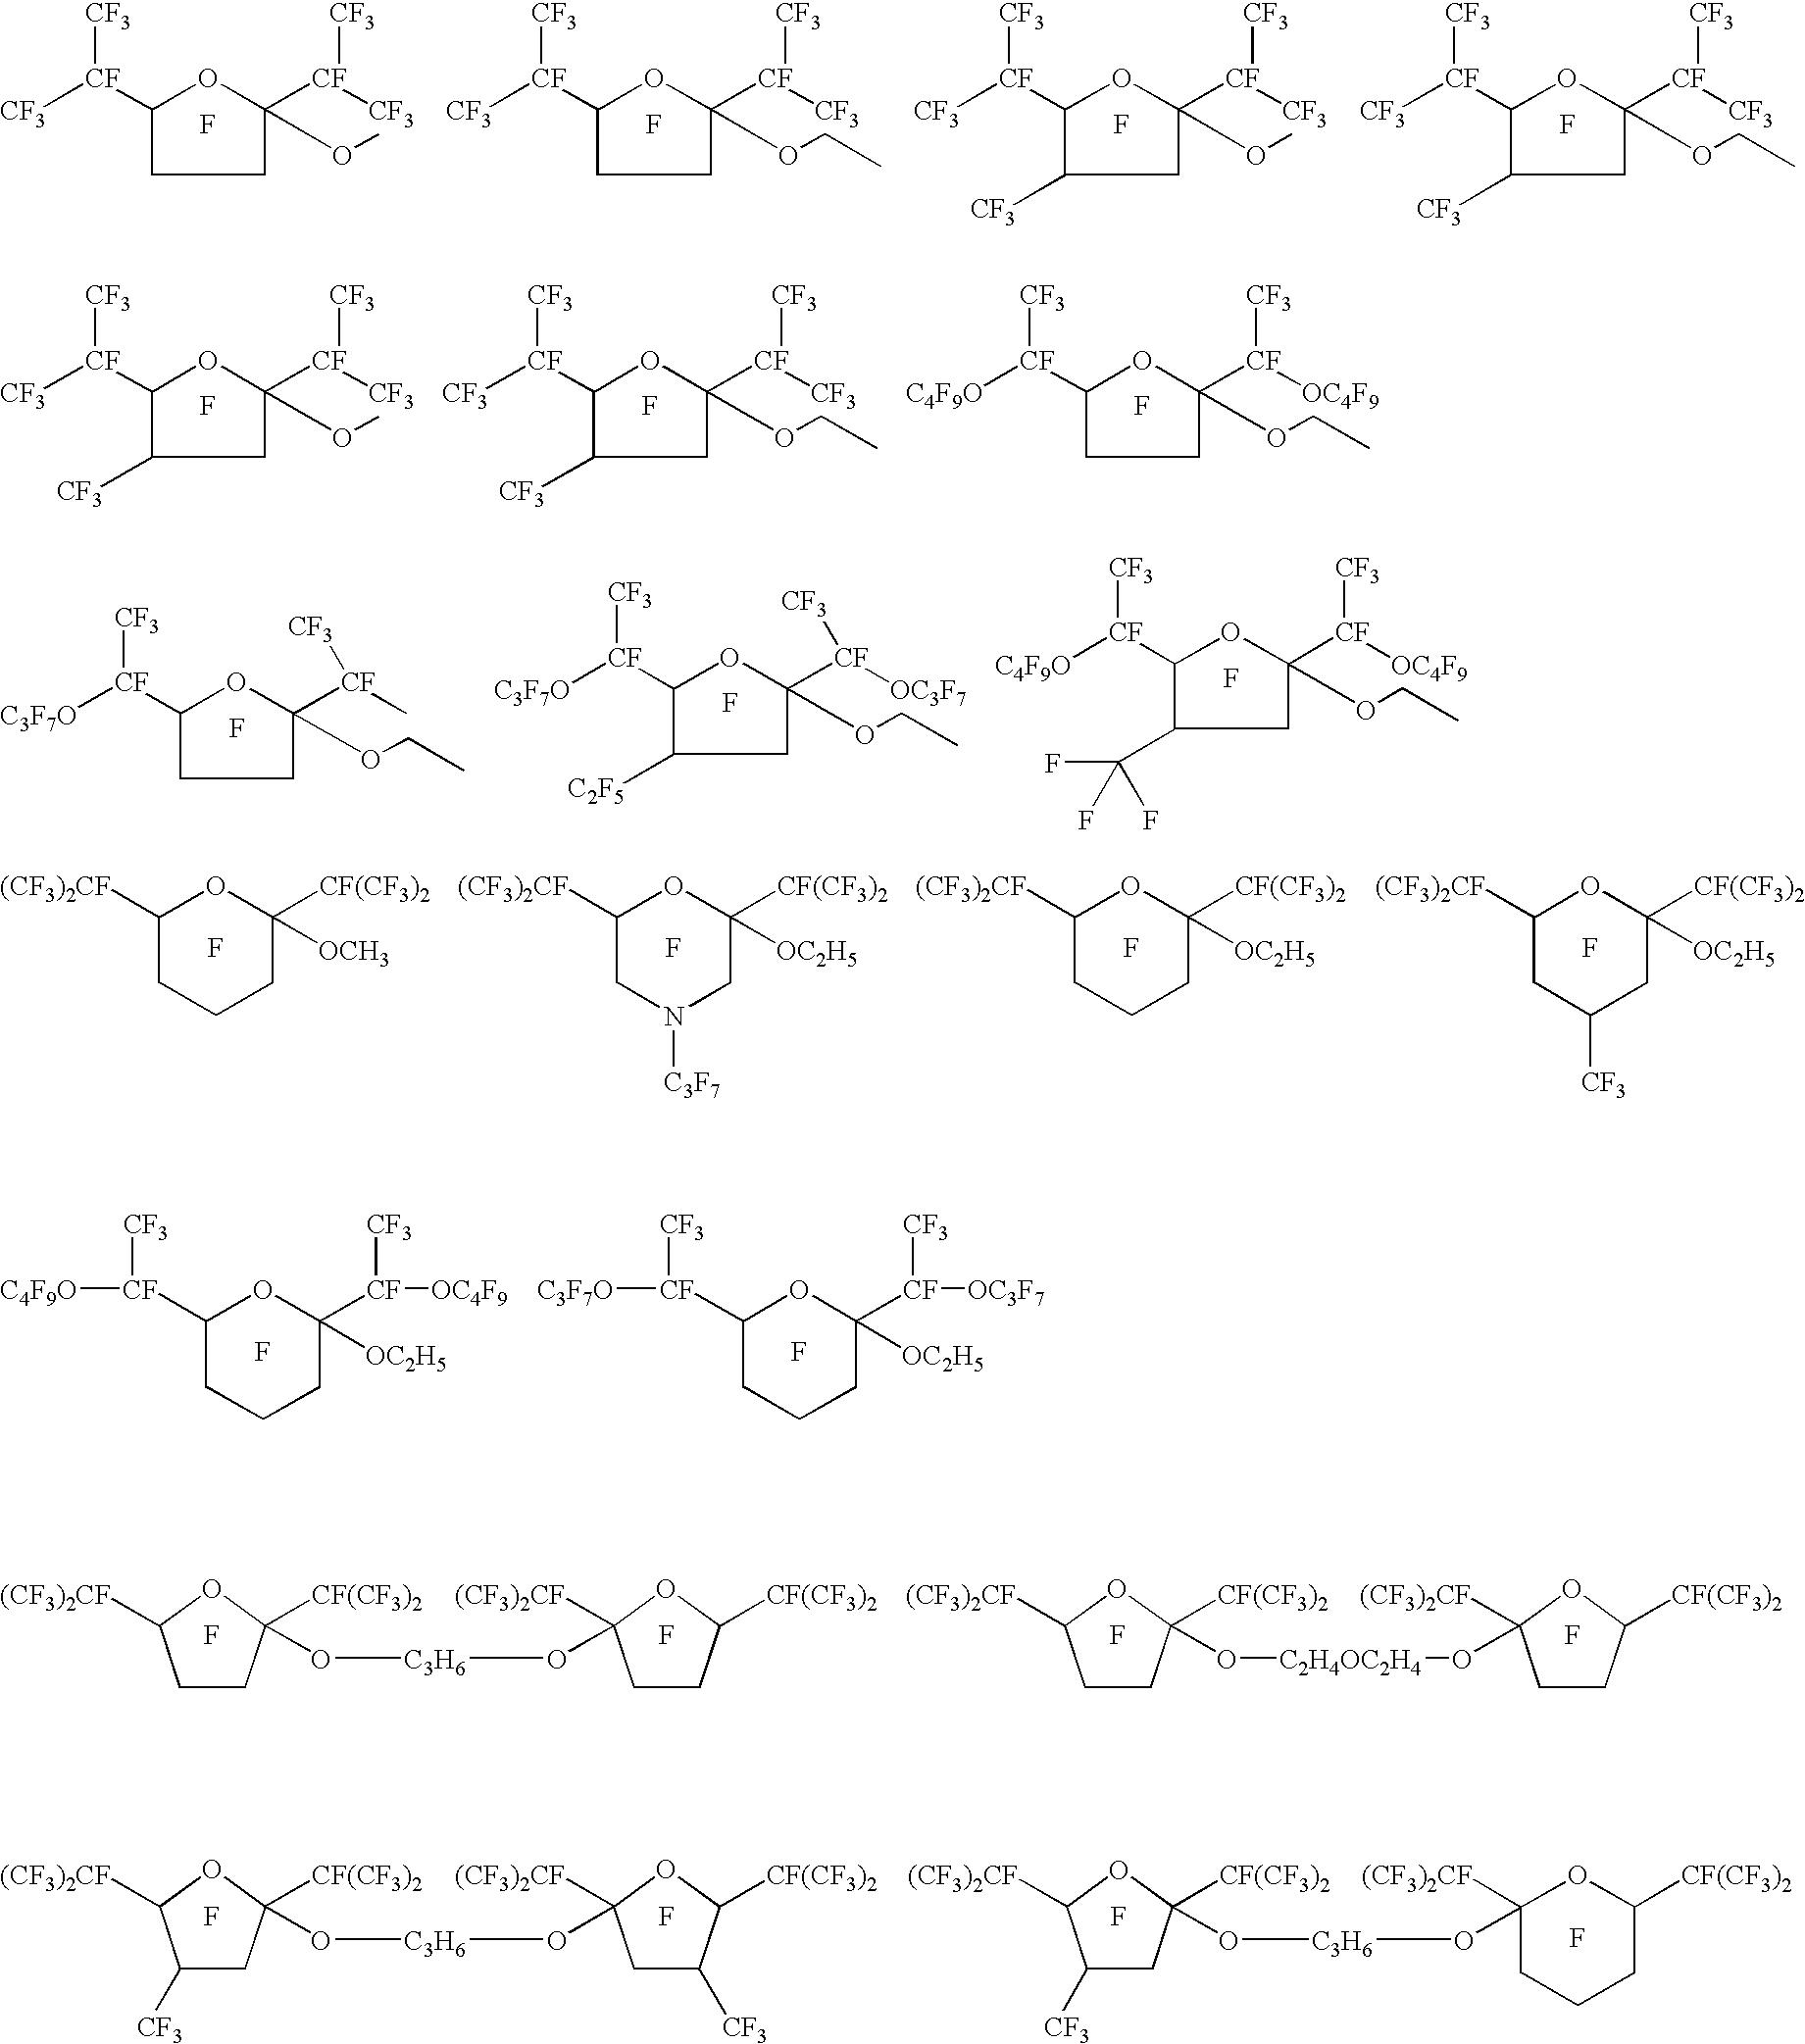 Figure US20070267464A1-20071122-C00011